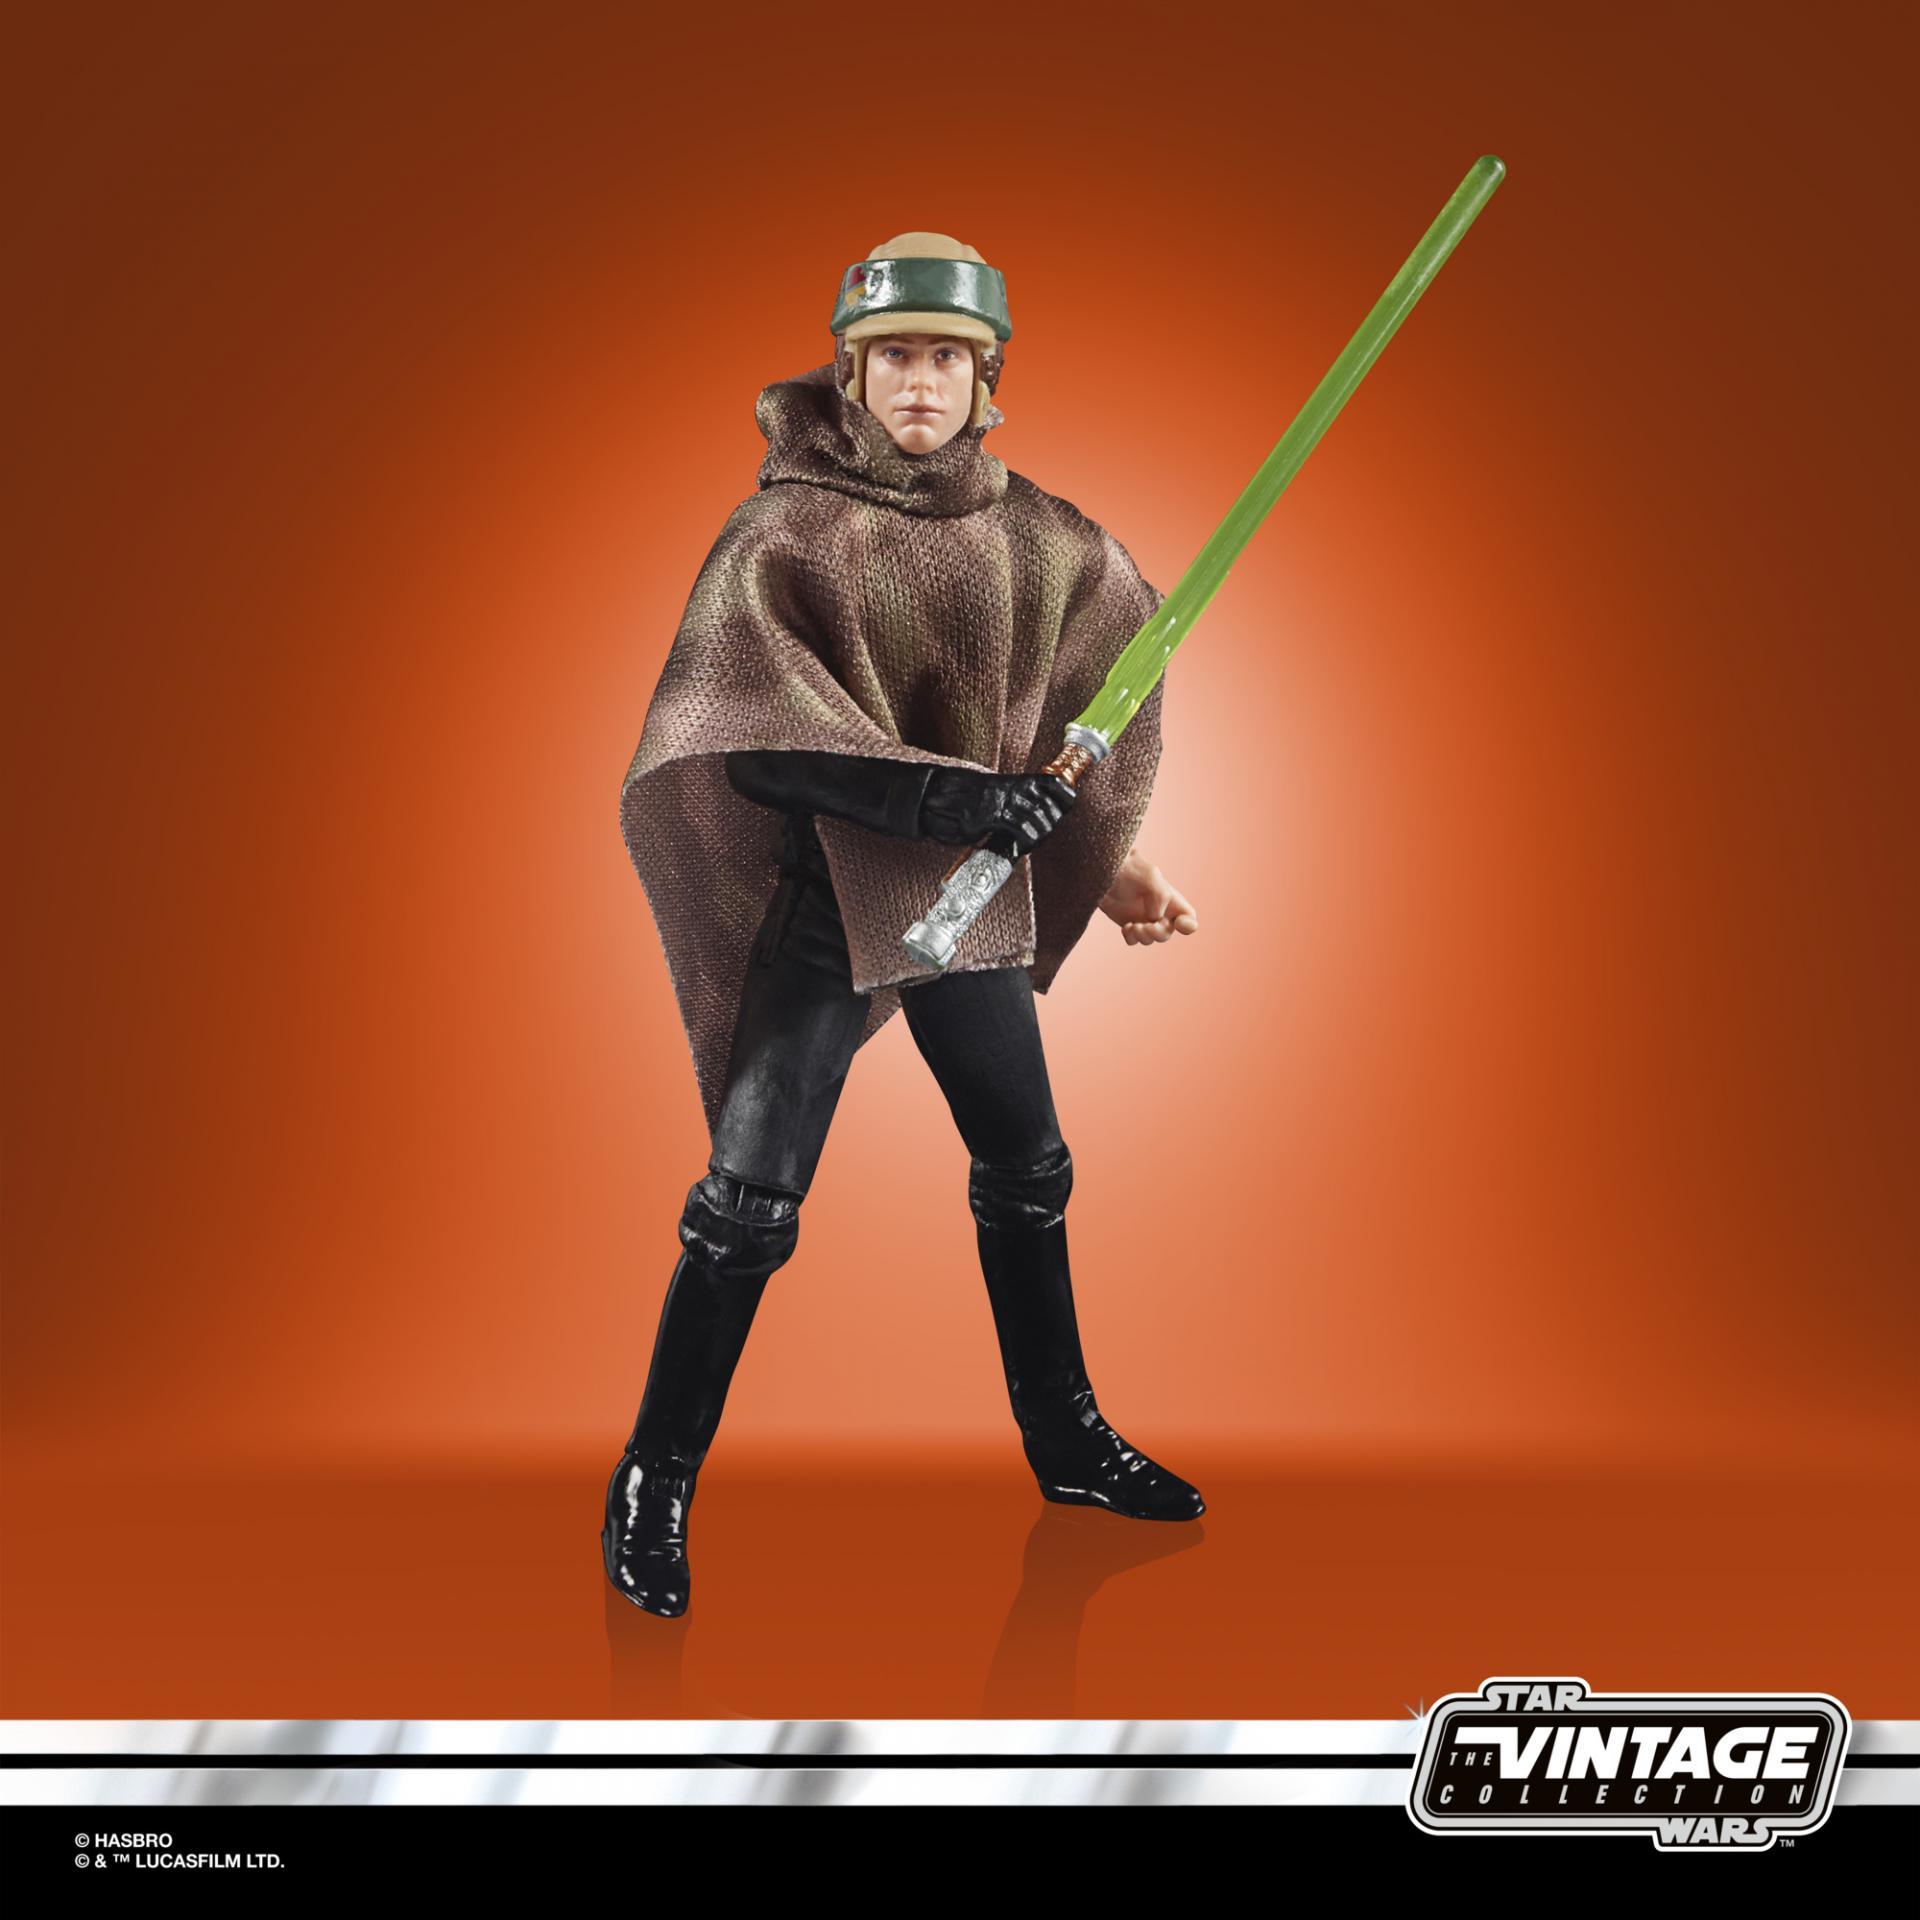 Star wars the vintage collection luke skywalker endor 6